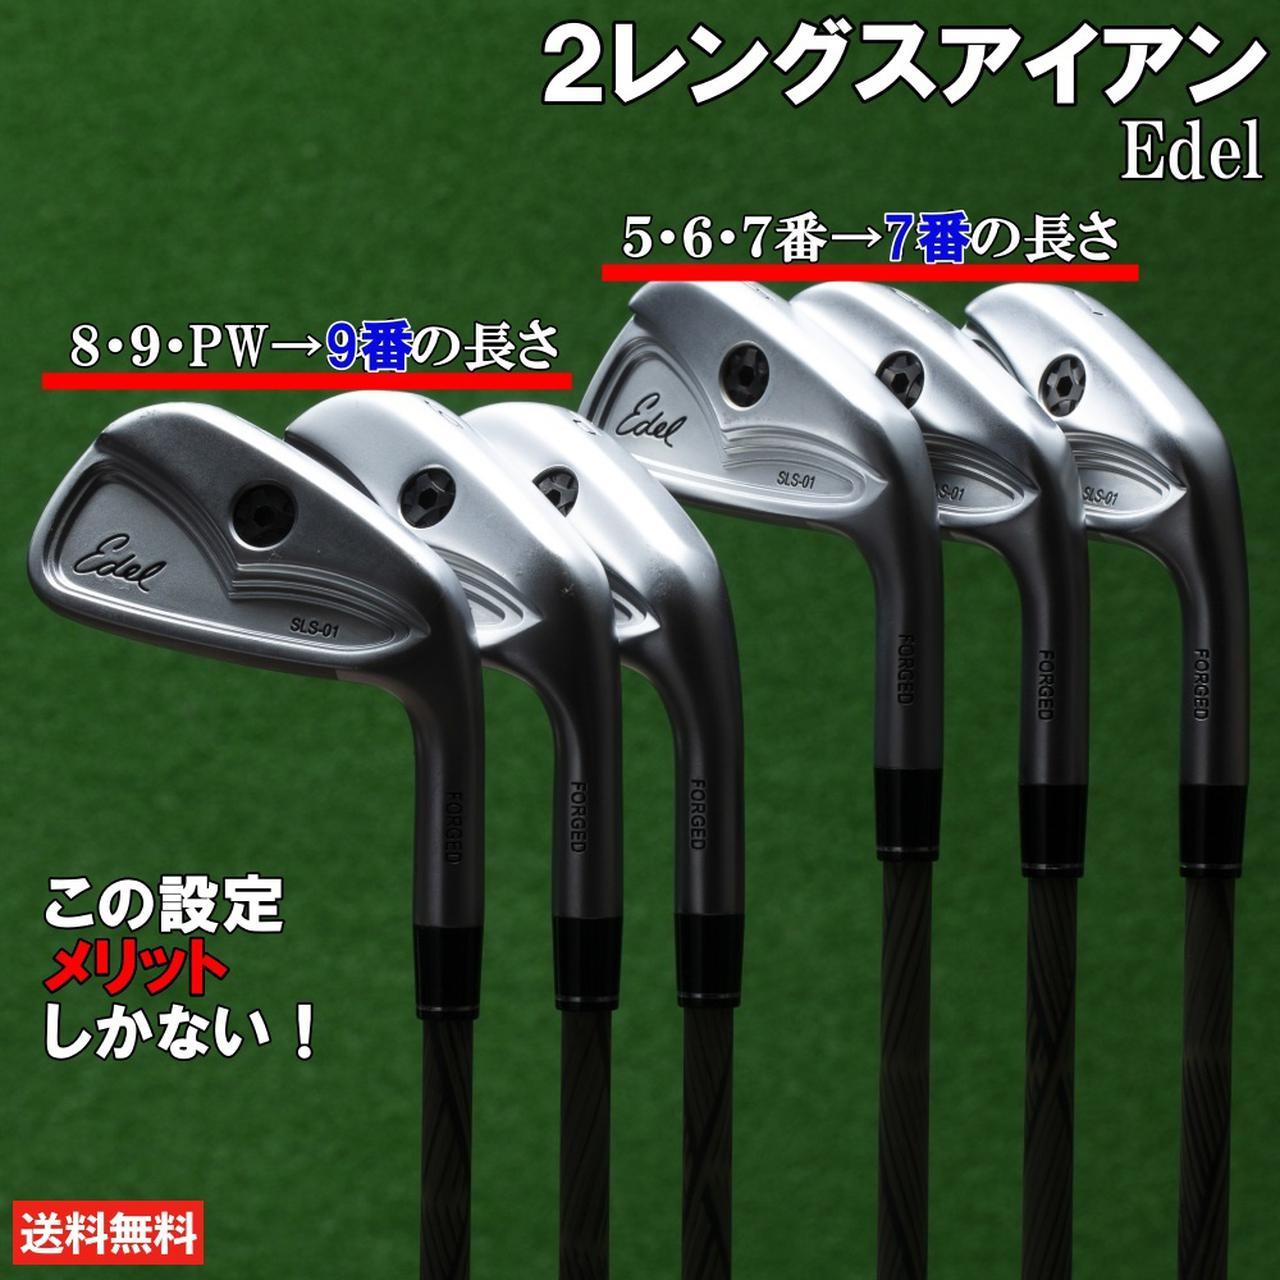 画像: 【楽天市場】【ツーレングス】 イーデル 2レングス アイアンセット 【5、6、7番=7番の長さ、8、9、PW=9番の長さです】:ゴルフポケット楽天市場店